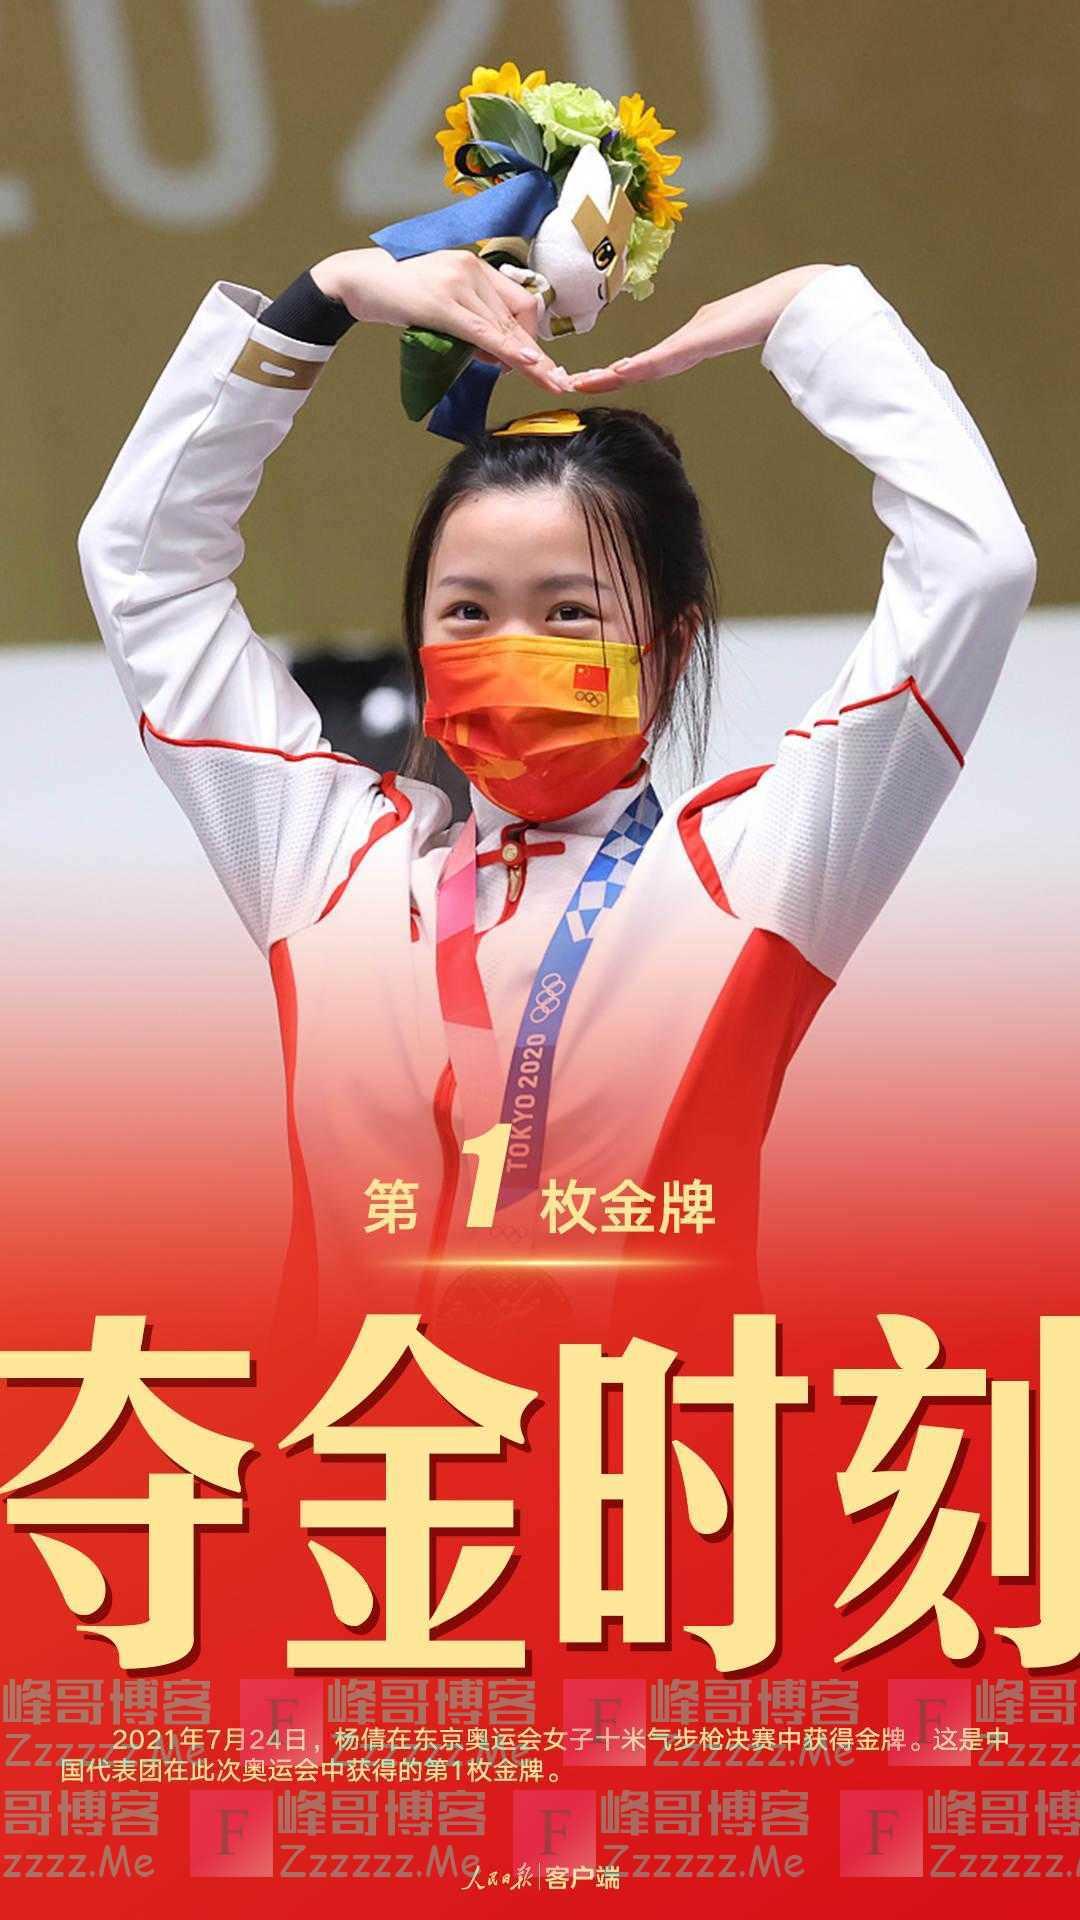 珍藏!中国军团东京奥运38金全记录